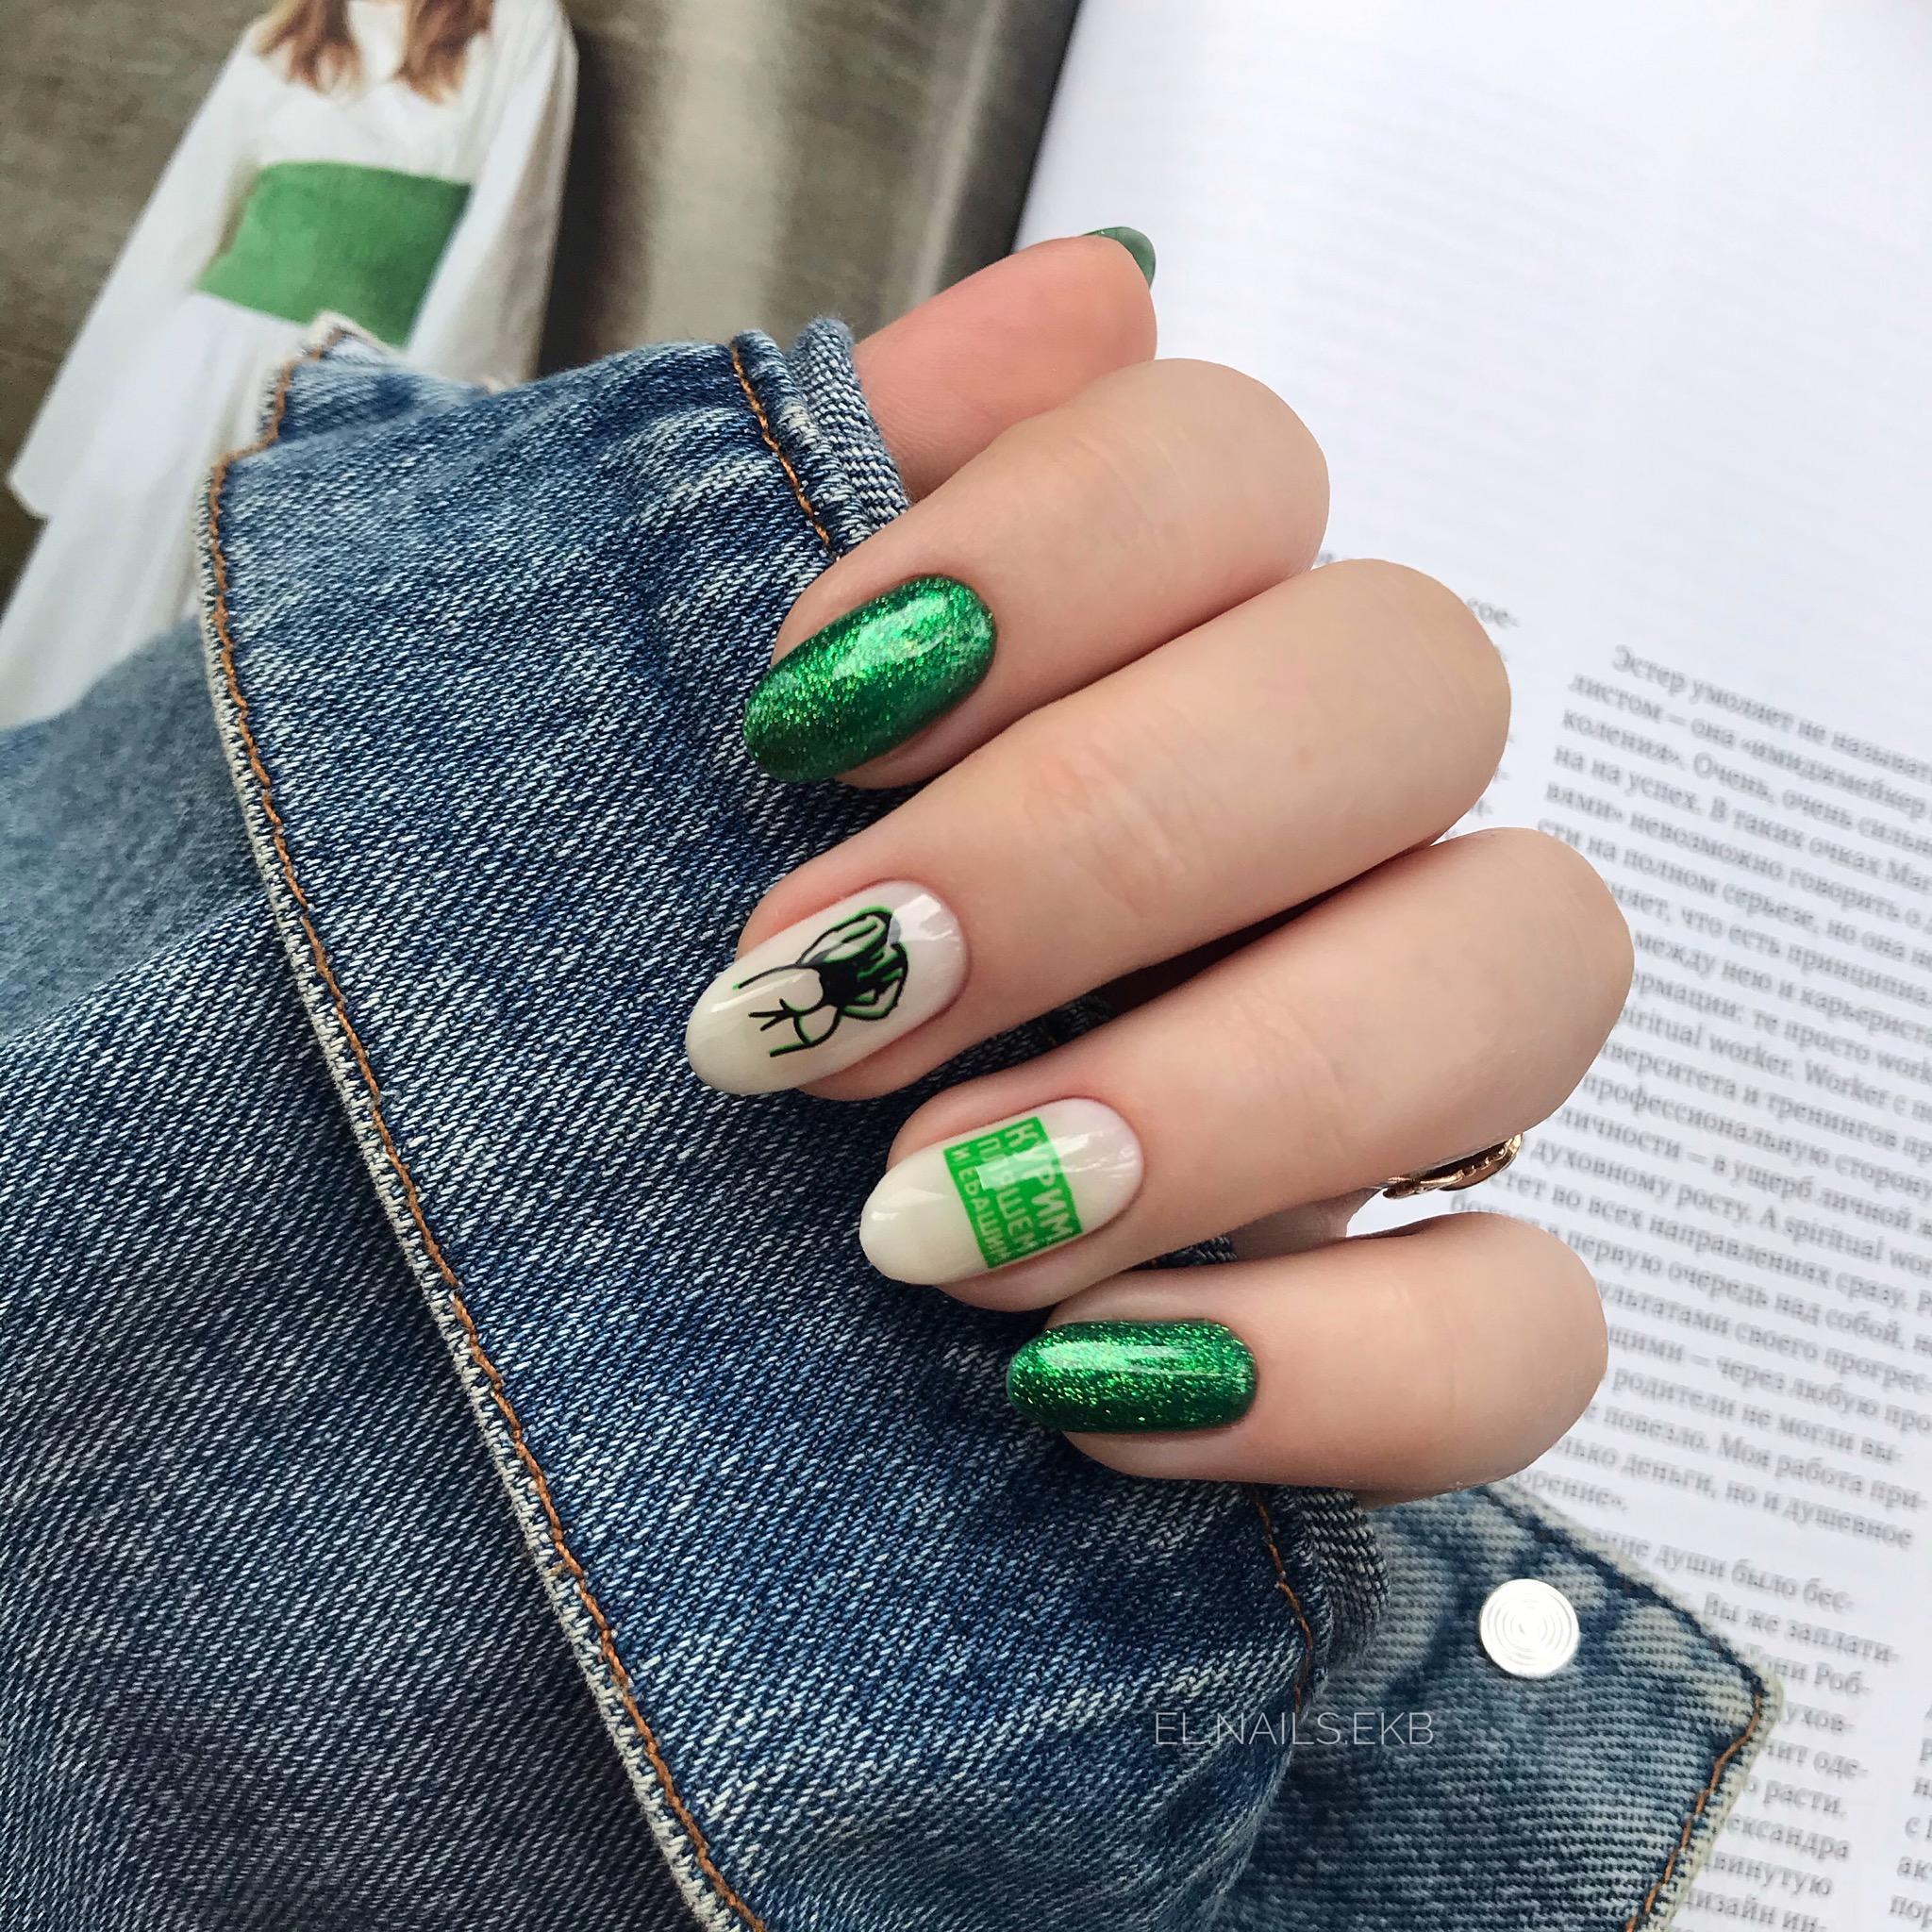 Маникюр с блестками и надписями в зеленом цвете на длинные ногти.